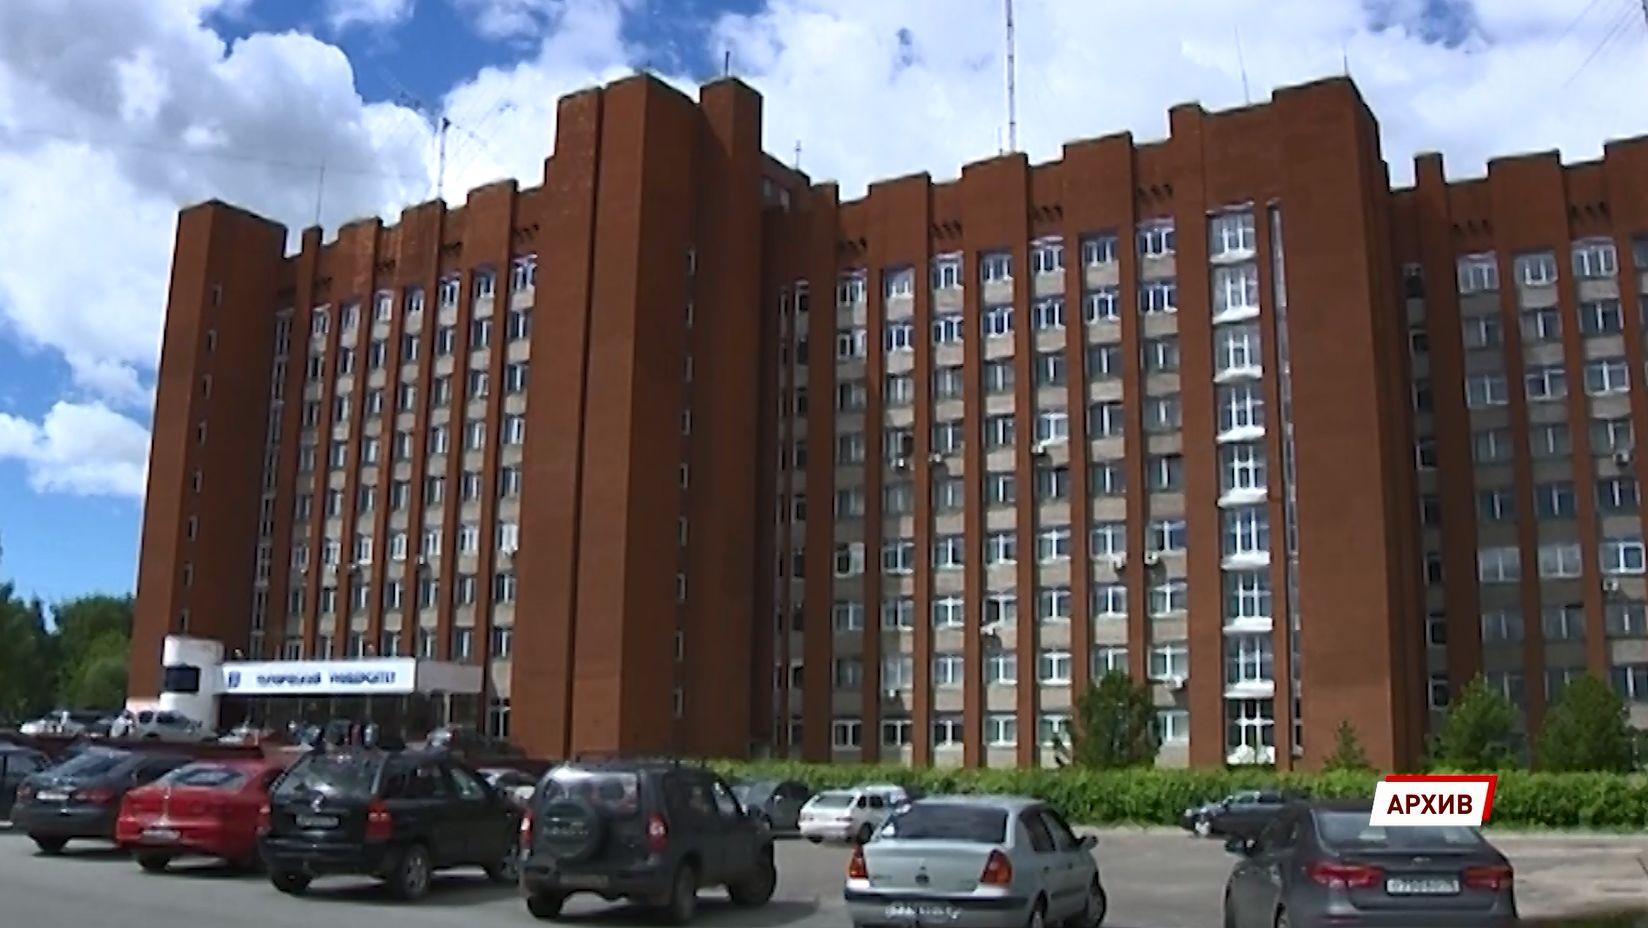 Ярославский технический университет работает в учебном режиме: ни преподавателям, ни студентам угрозы нет